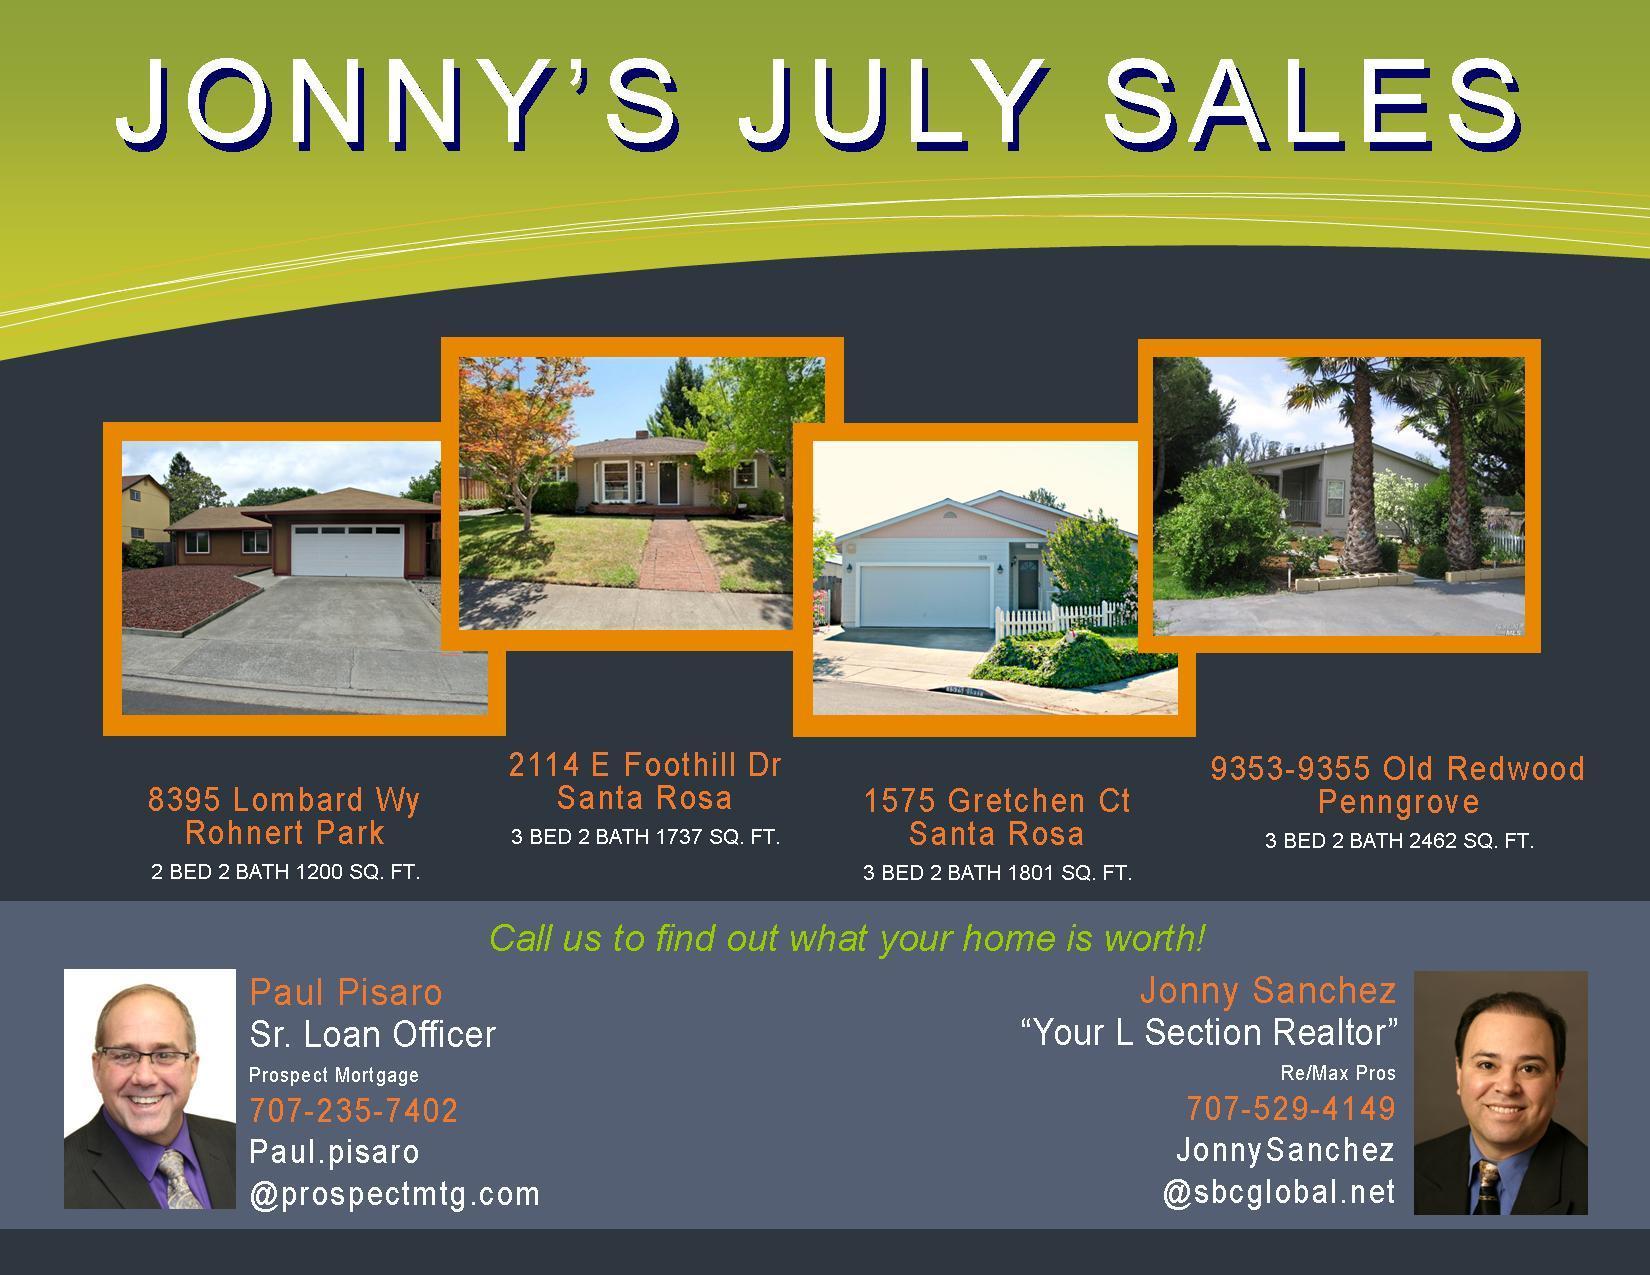 Jonny Sanchez Real Estate Consultant image 1